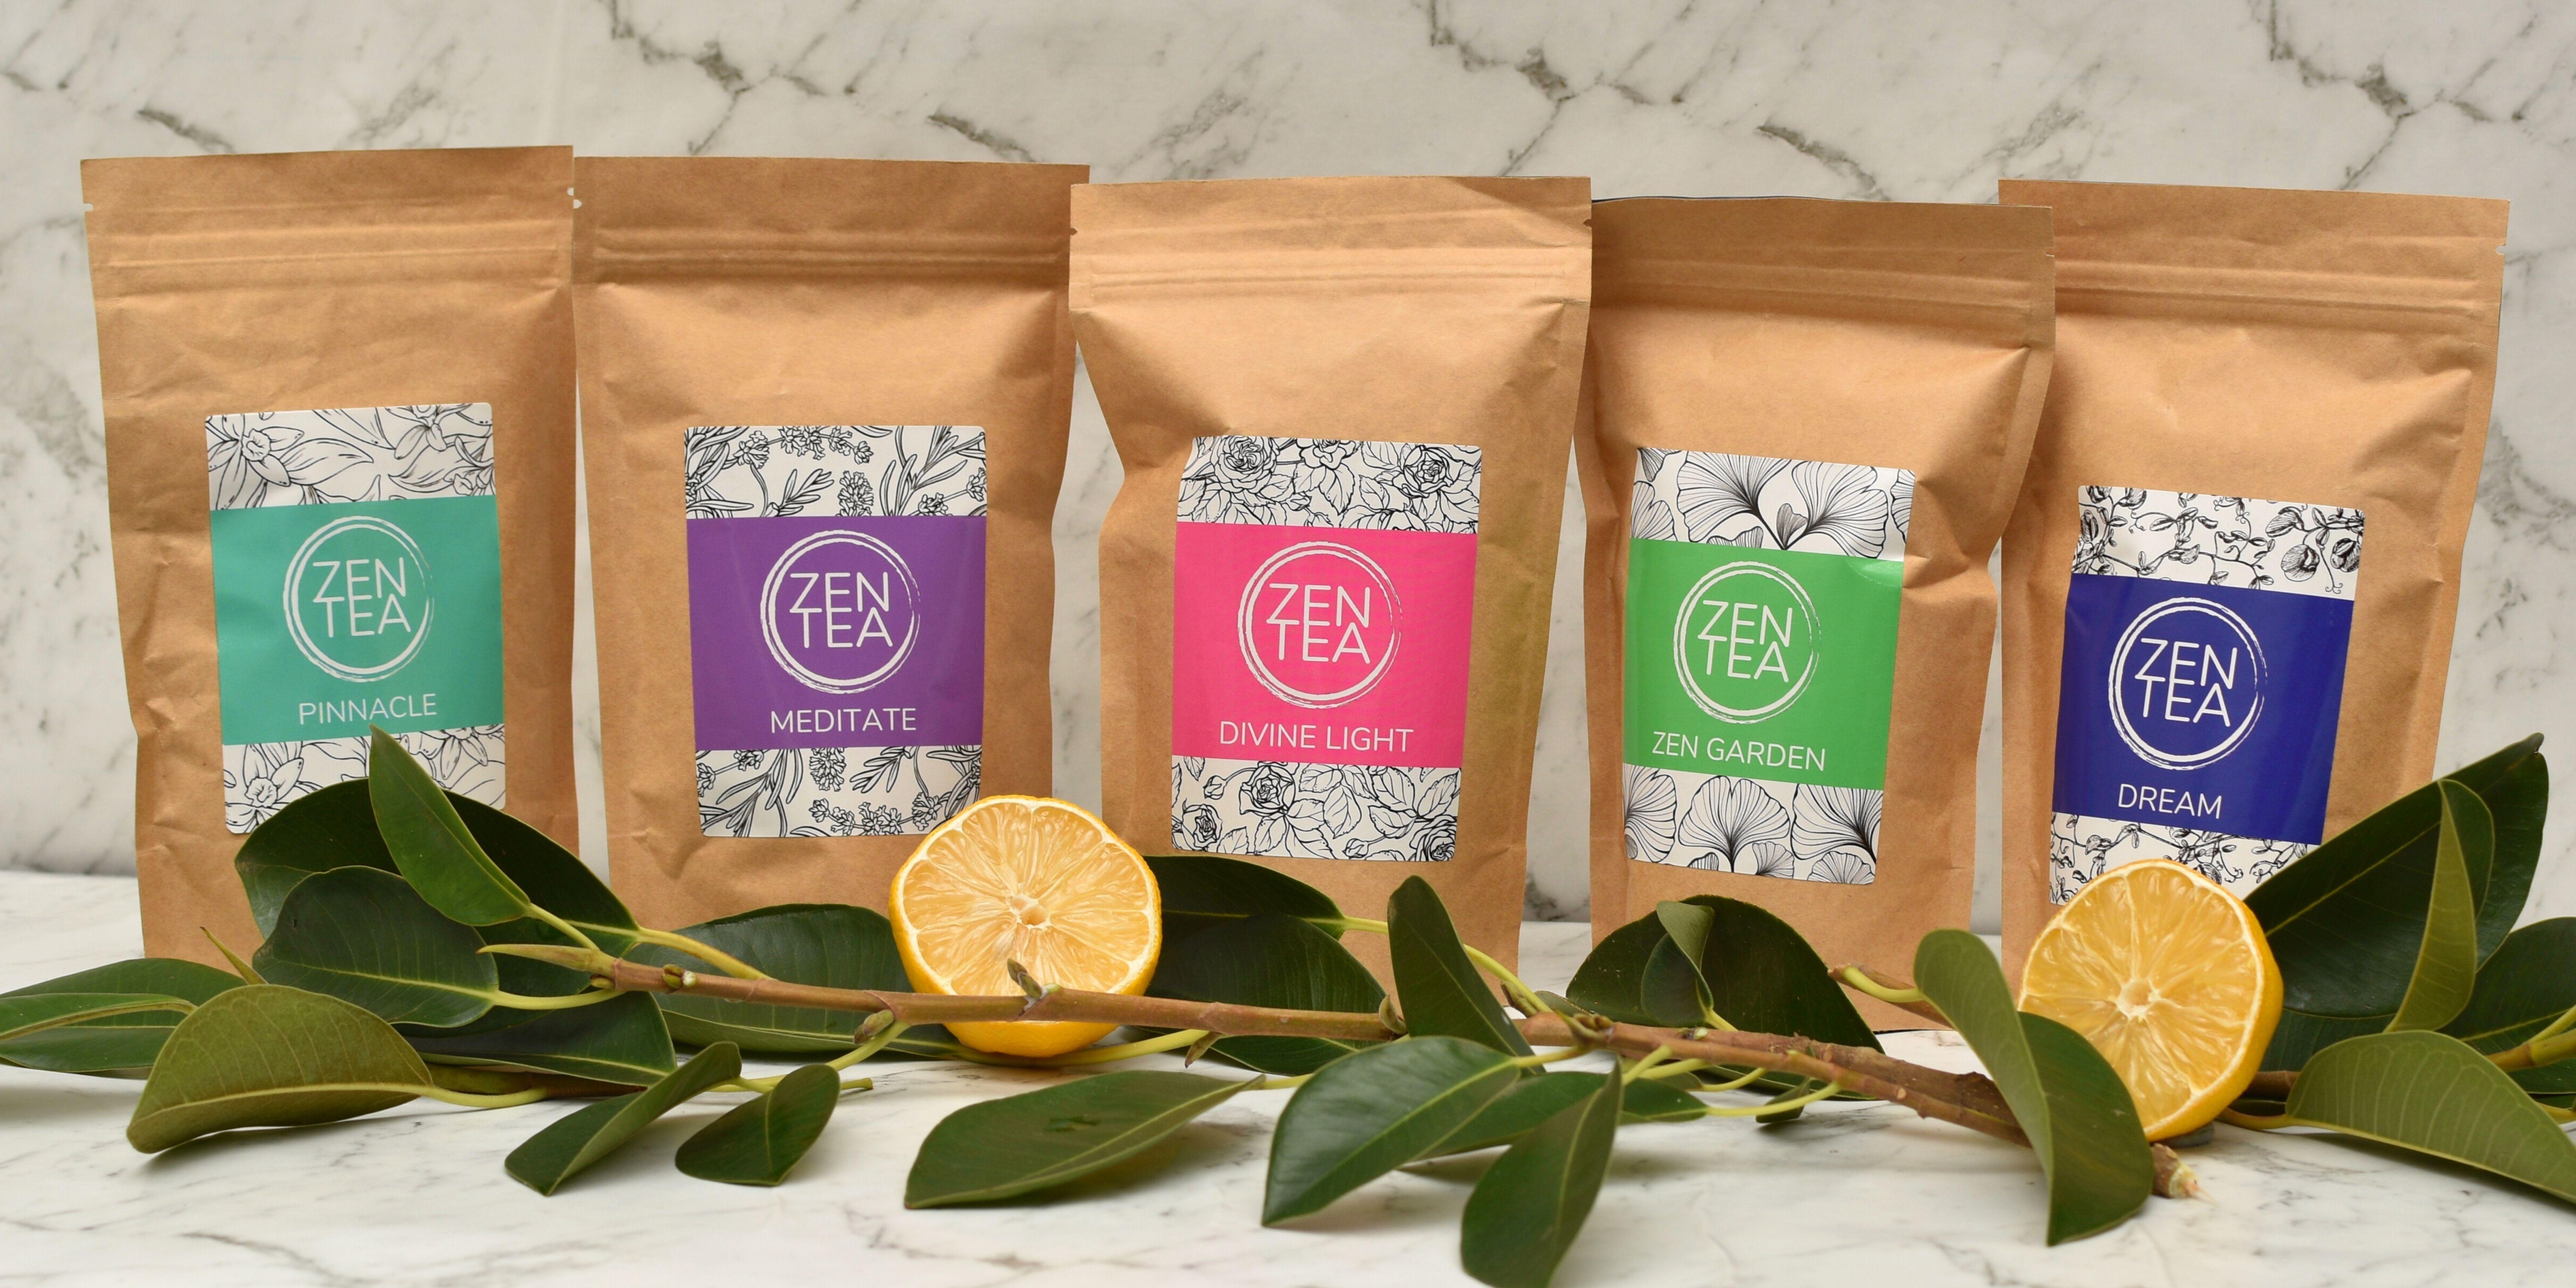 Zen tea range display